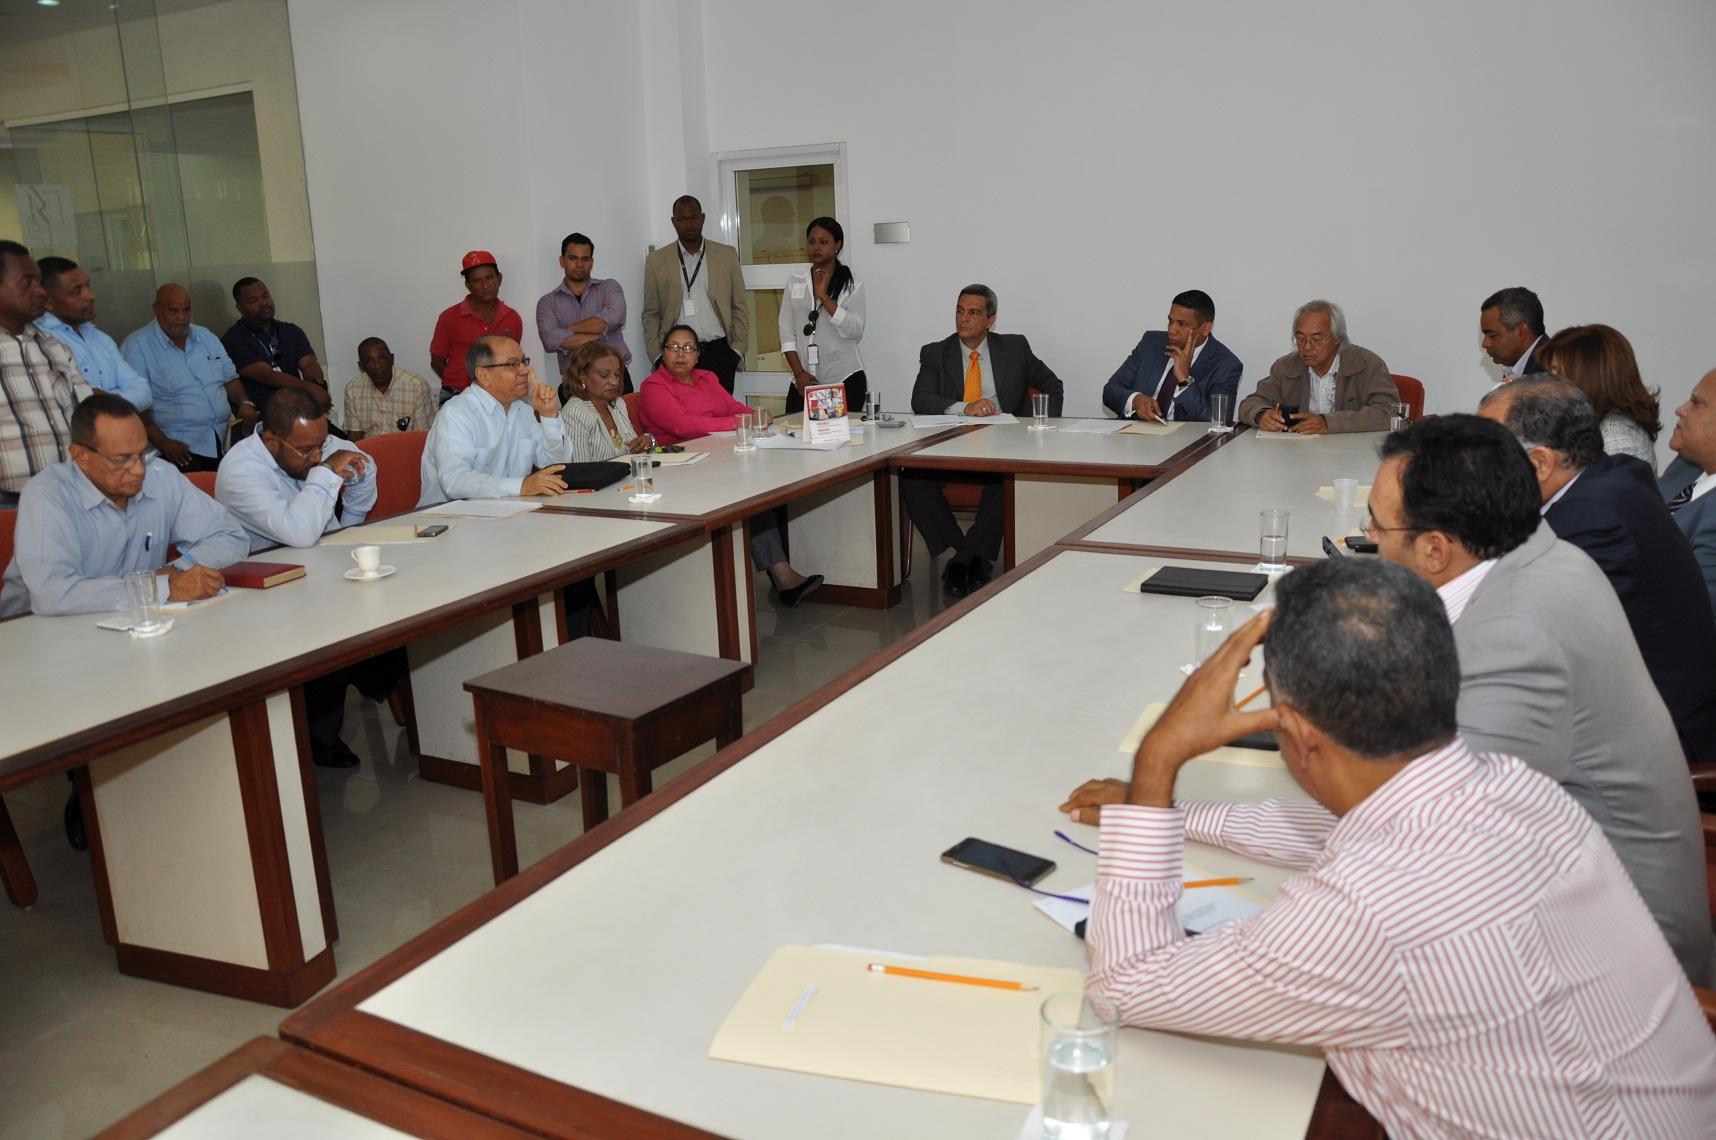 Representantes del Gobierno, los empresarios y trabajadores en Comité de Salarios.